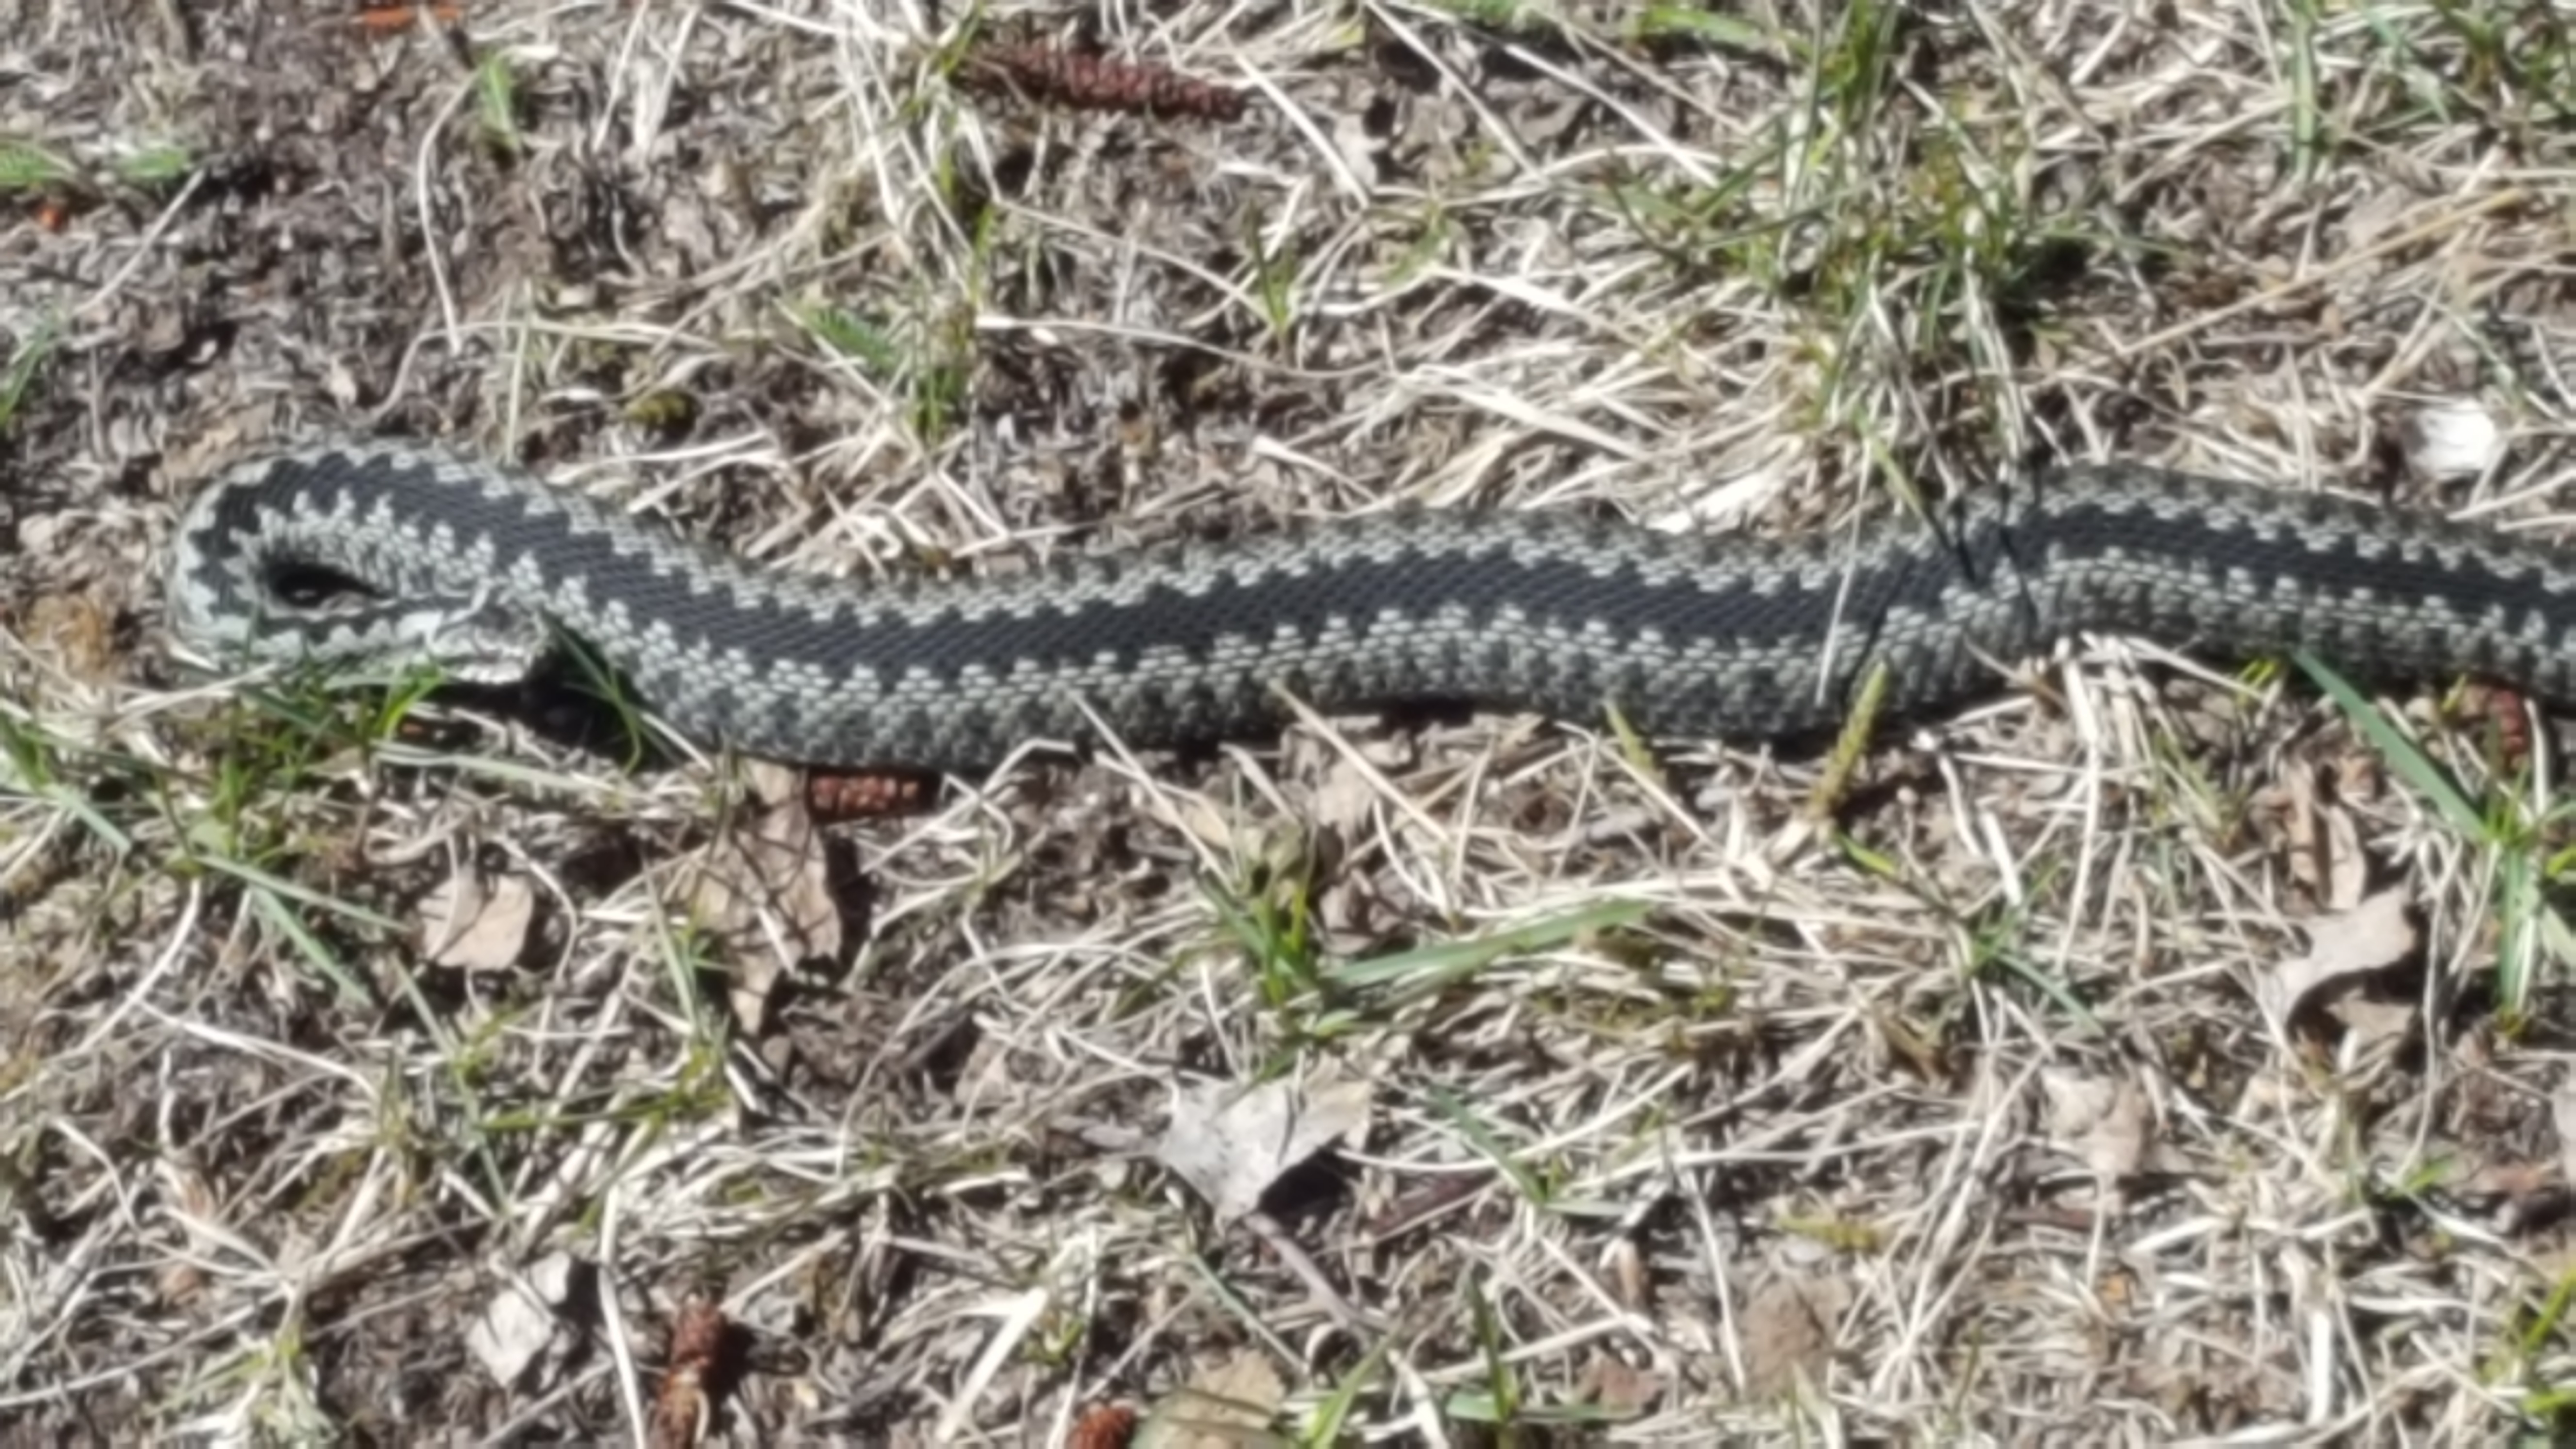 (8) Un serpent rencontré sur l'île de Kiji -Béguier